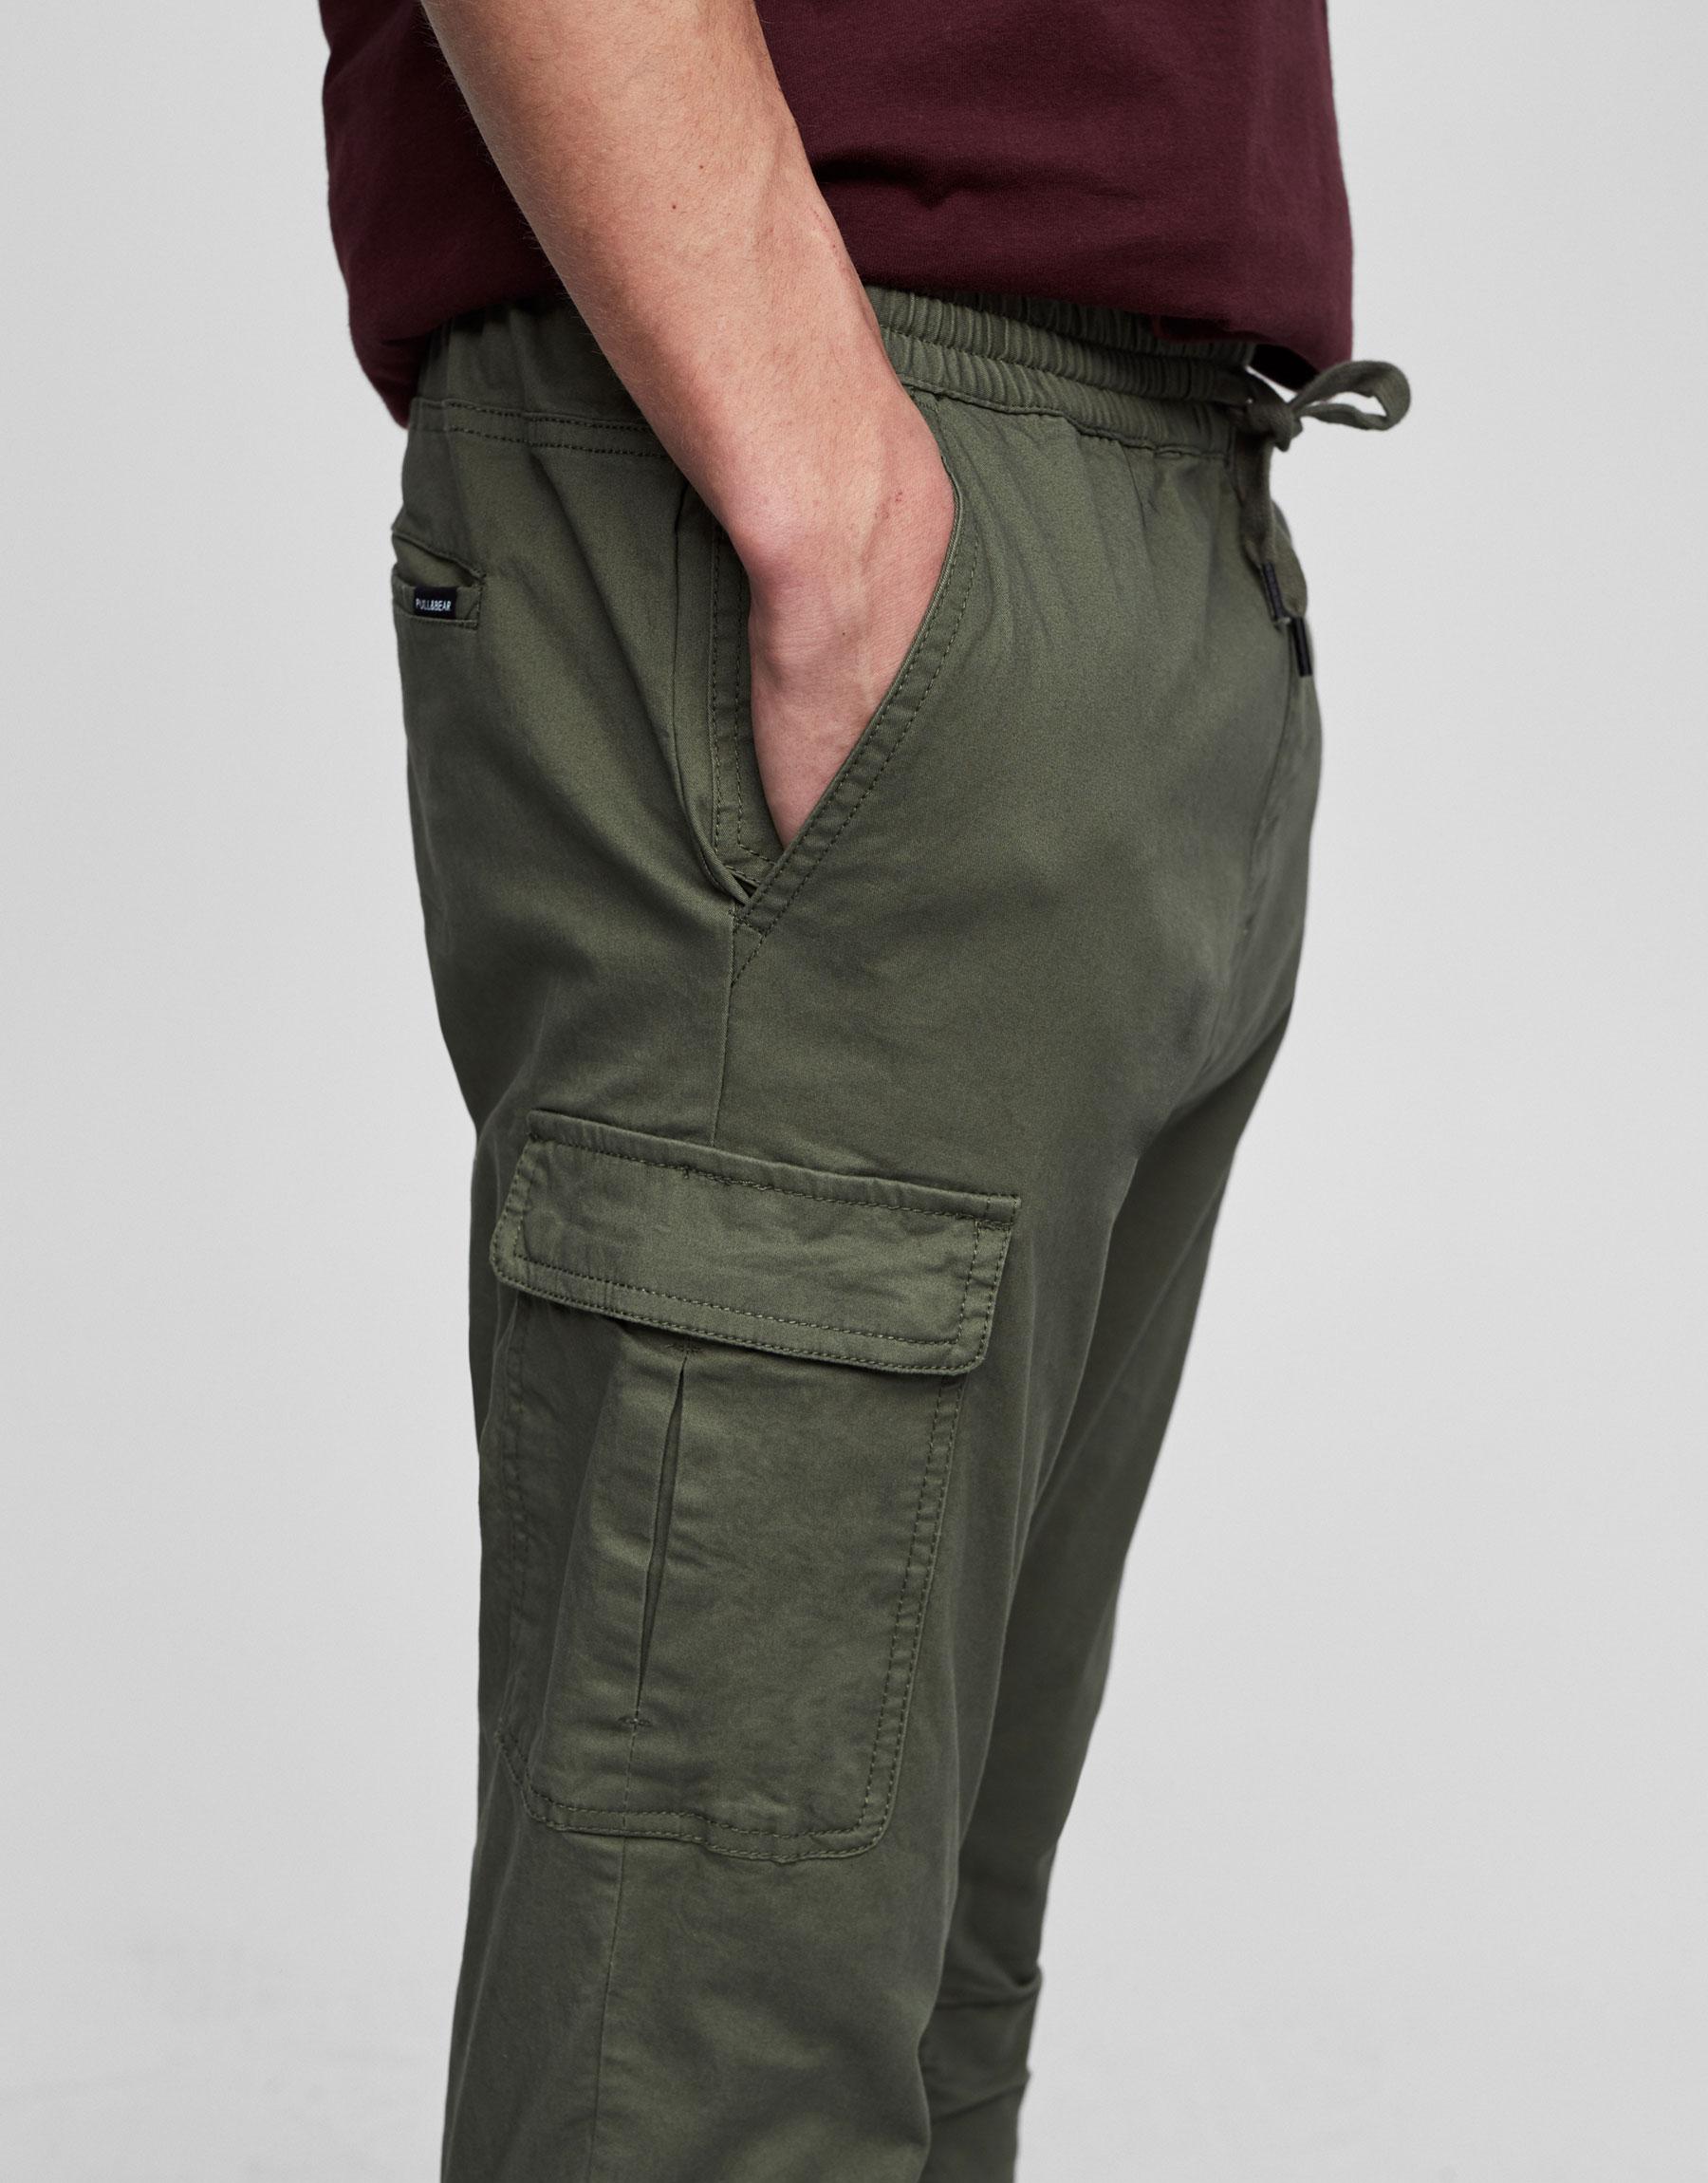 Pantalons baggy fit butxaques